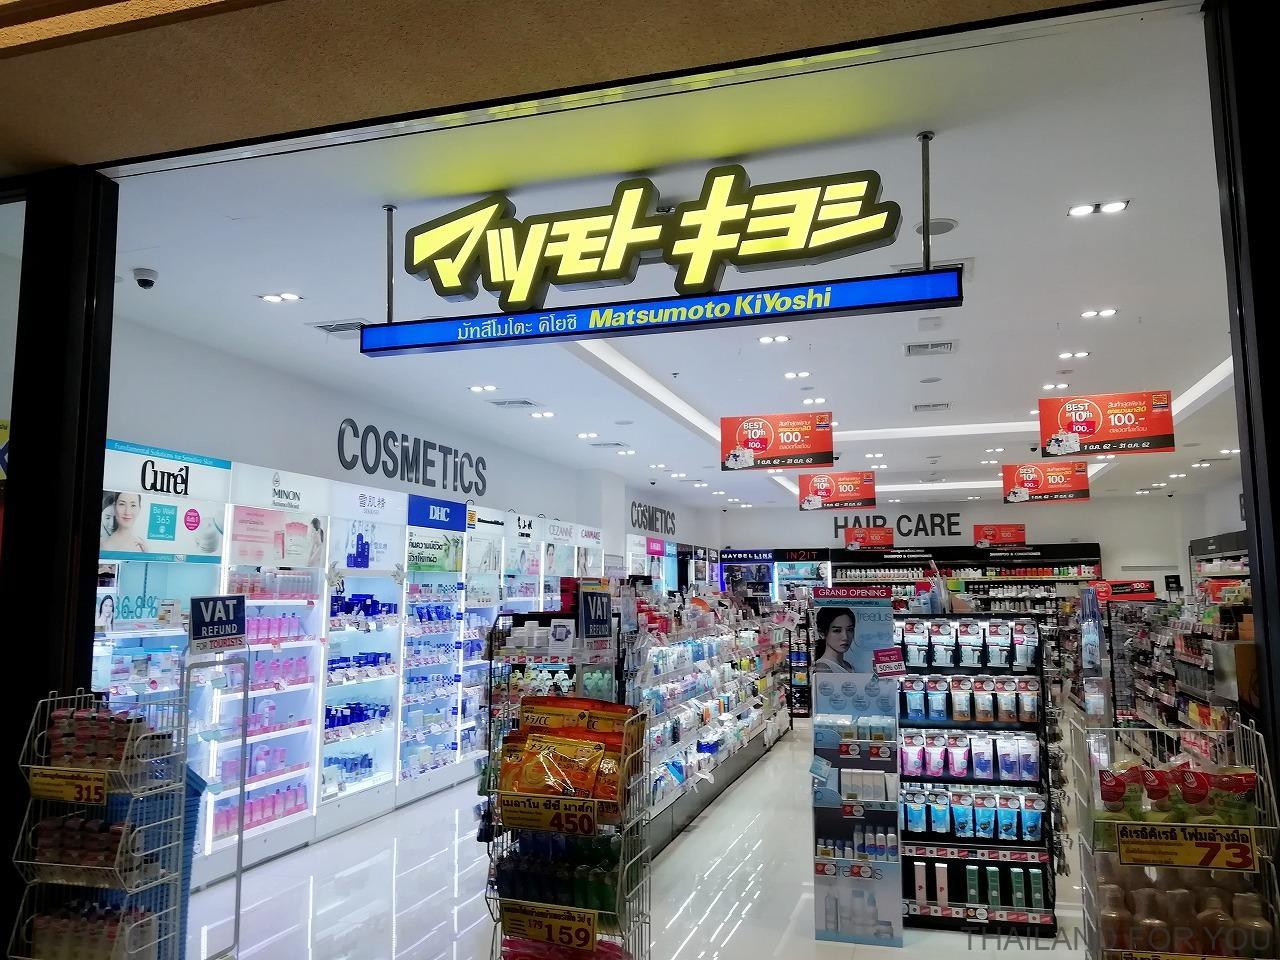 パタヤ ターミナル21 マツモトキヨシ